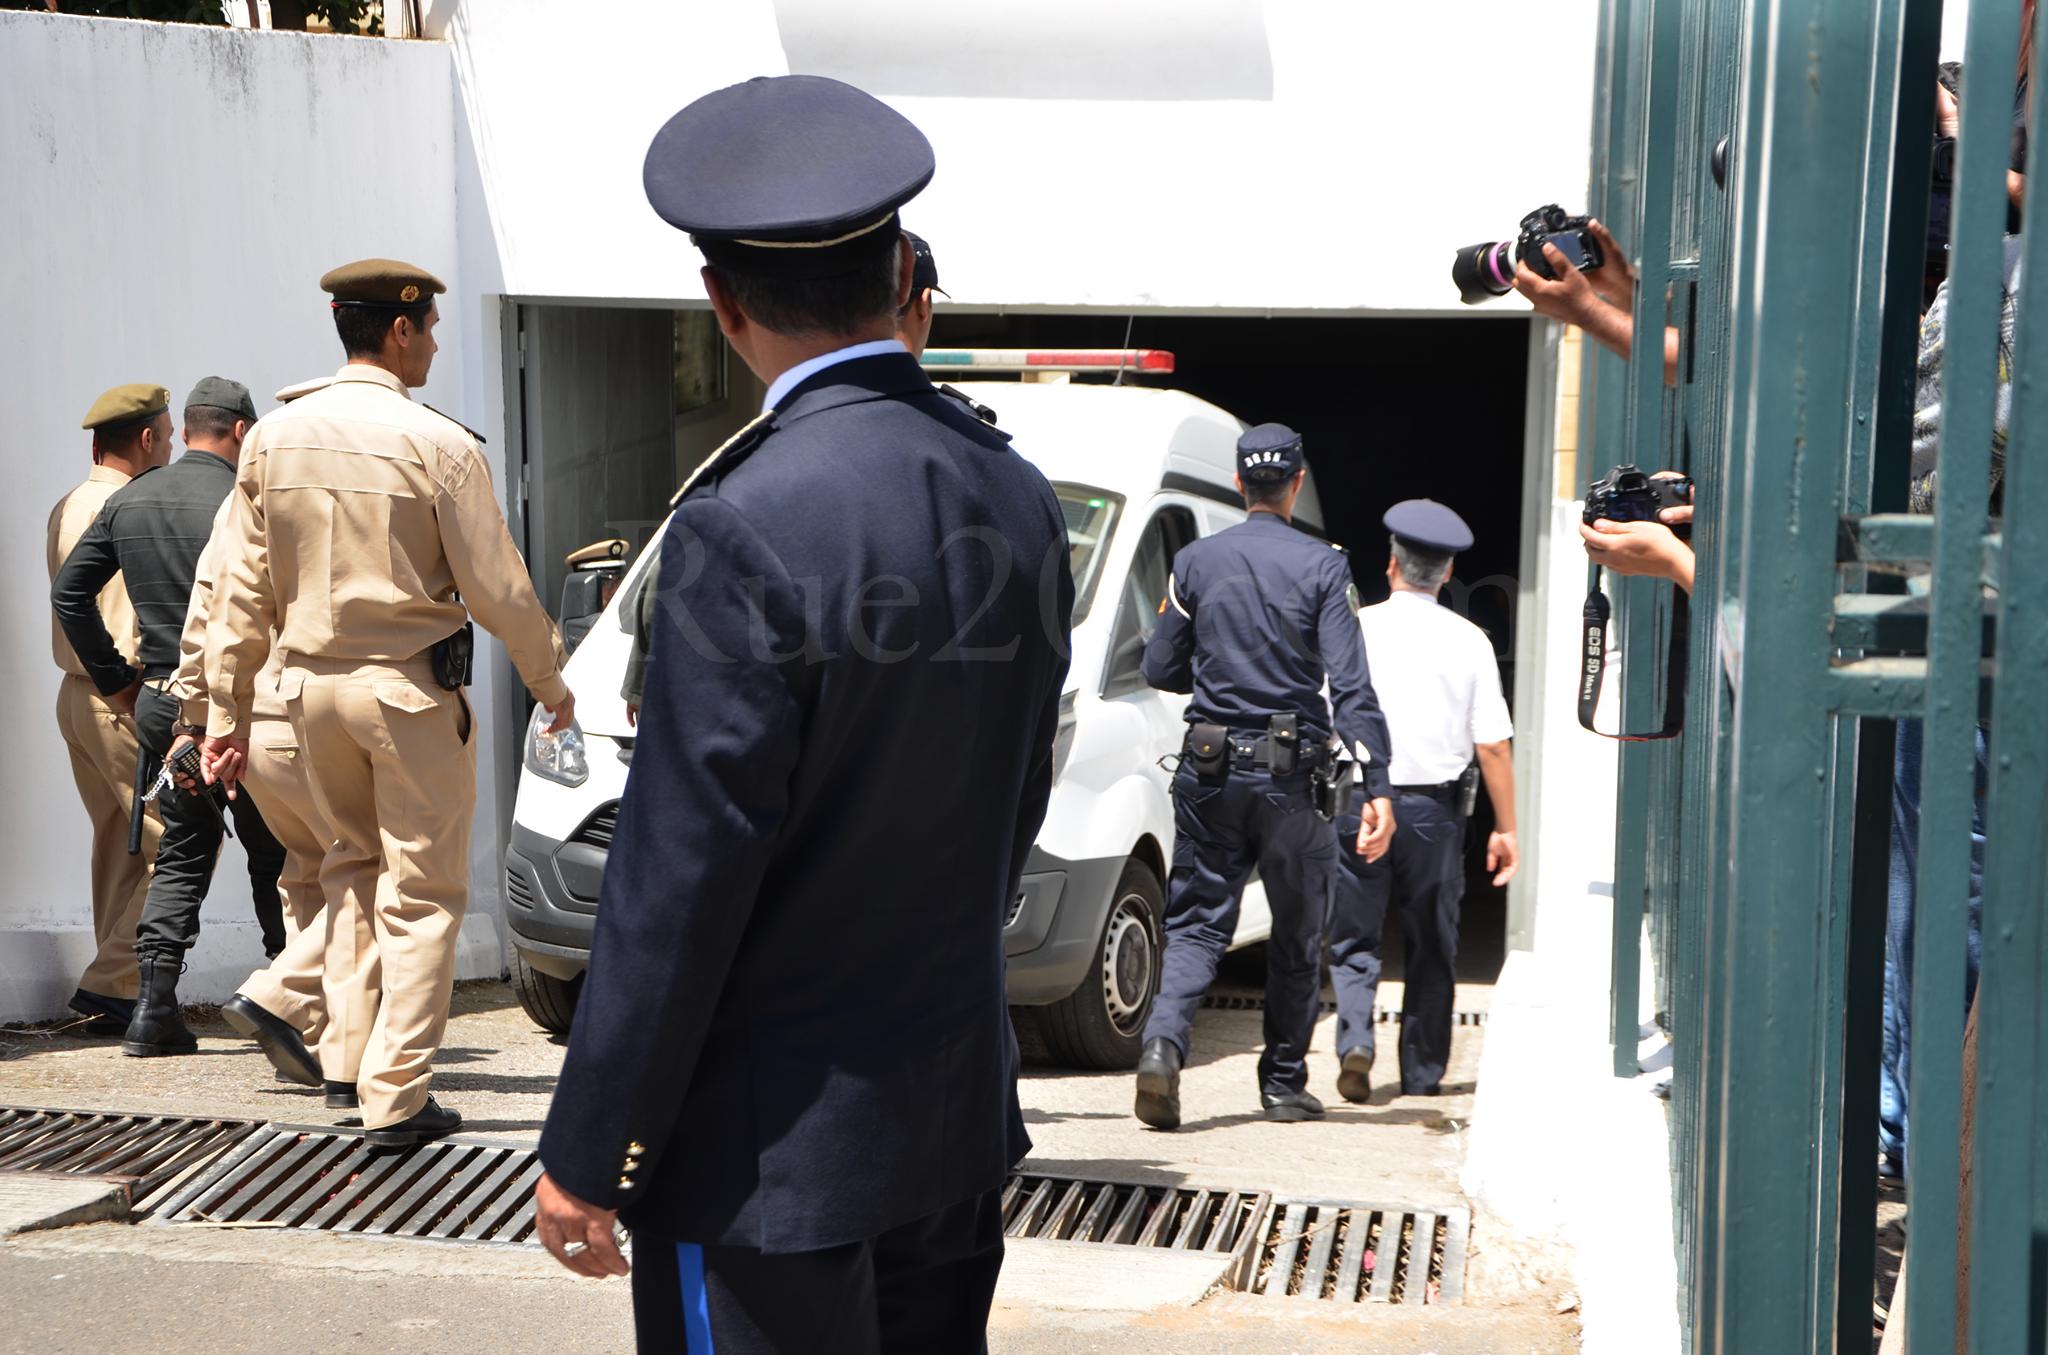 إستئنافية سلا تستنطقُ المتورطٓين في جريمة إمليل المُدانٓينِ إبتدائياً بالإعدام